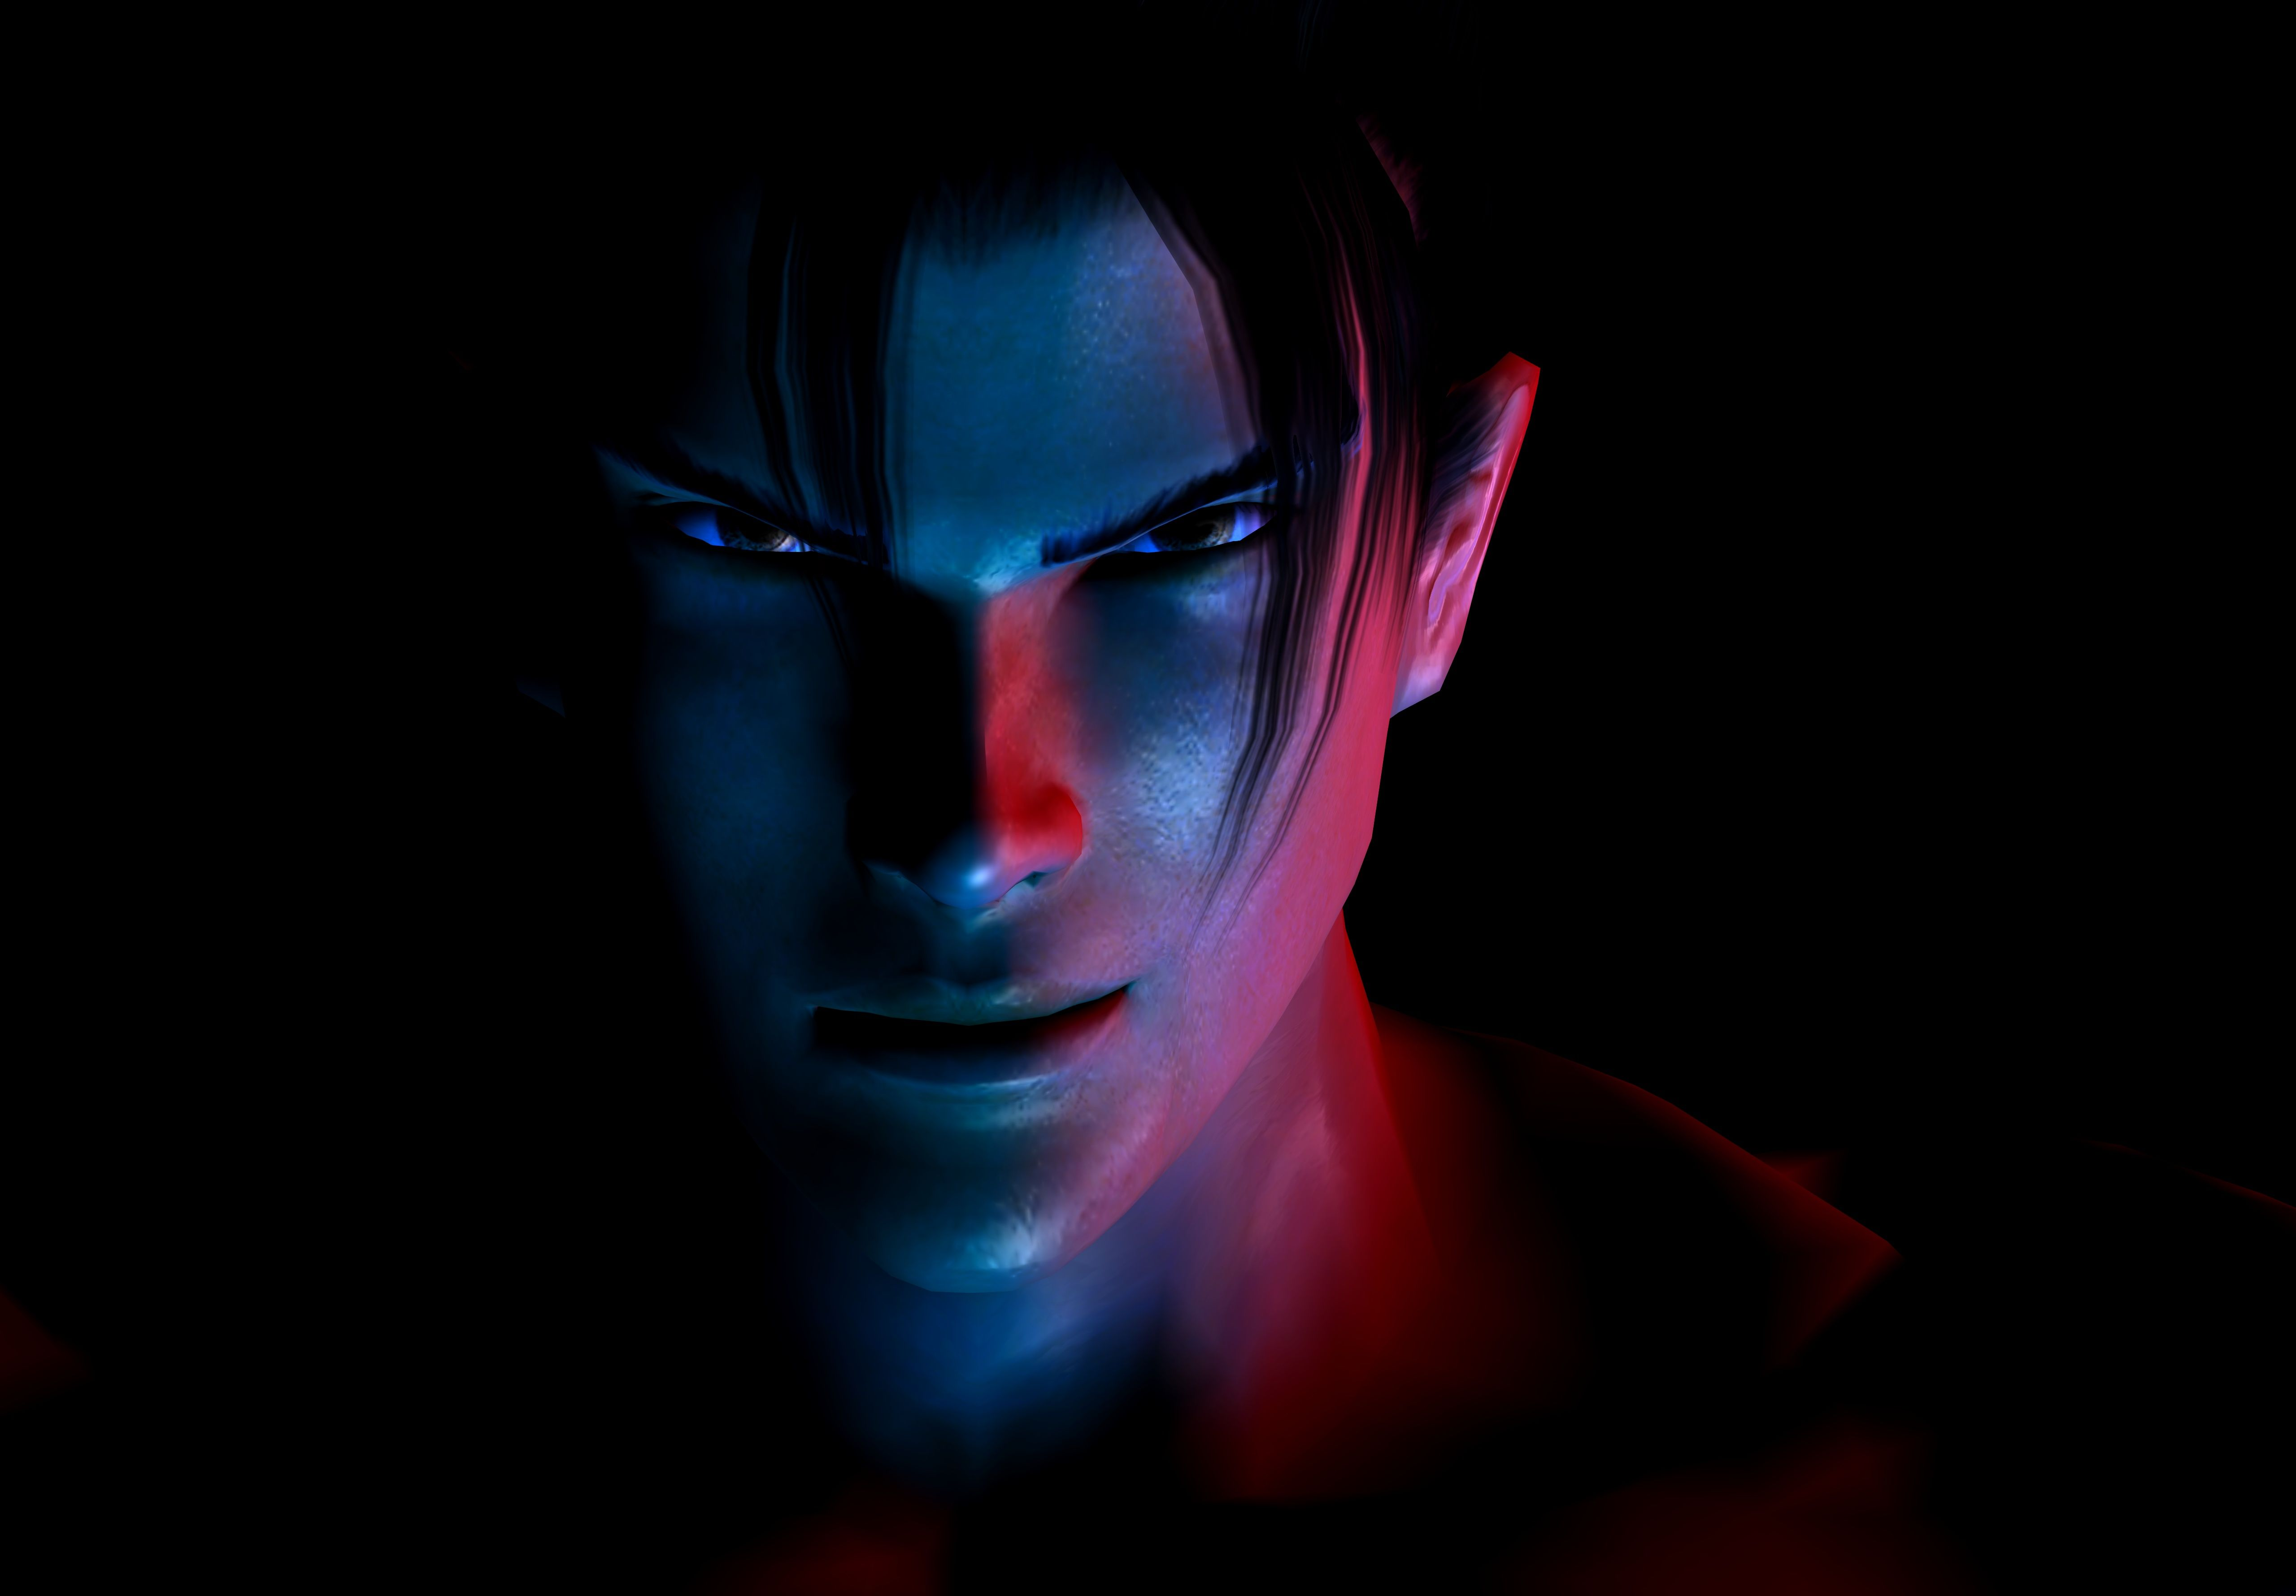 Tekken 3d Wallpaper Posted By Ryan Thompson